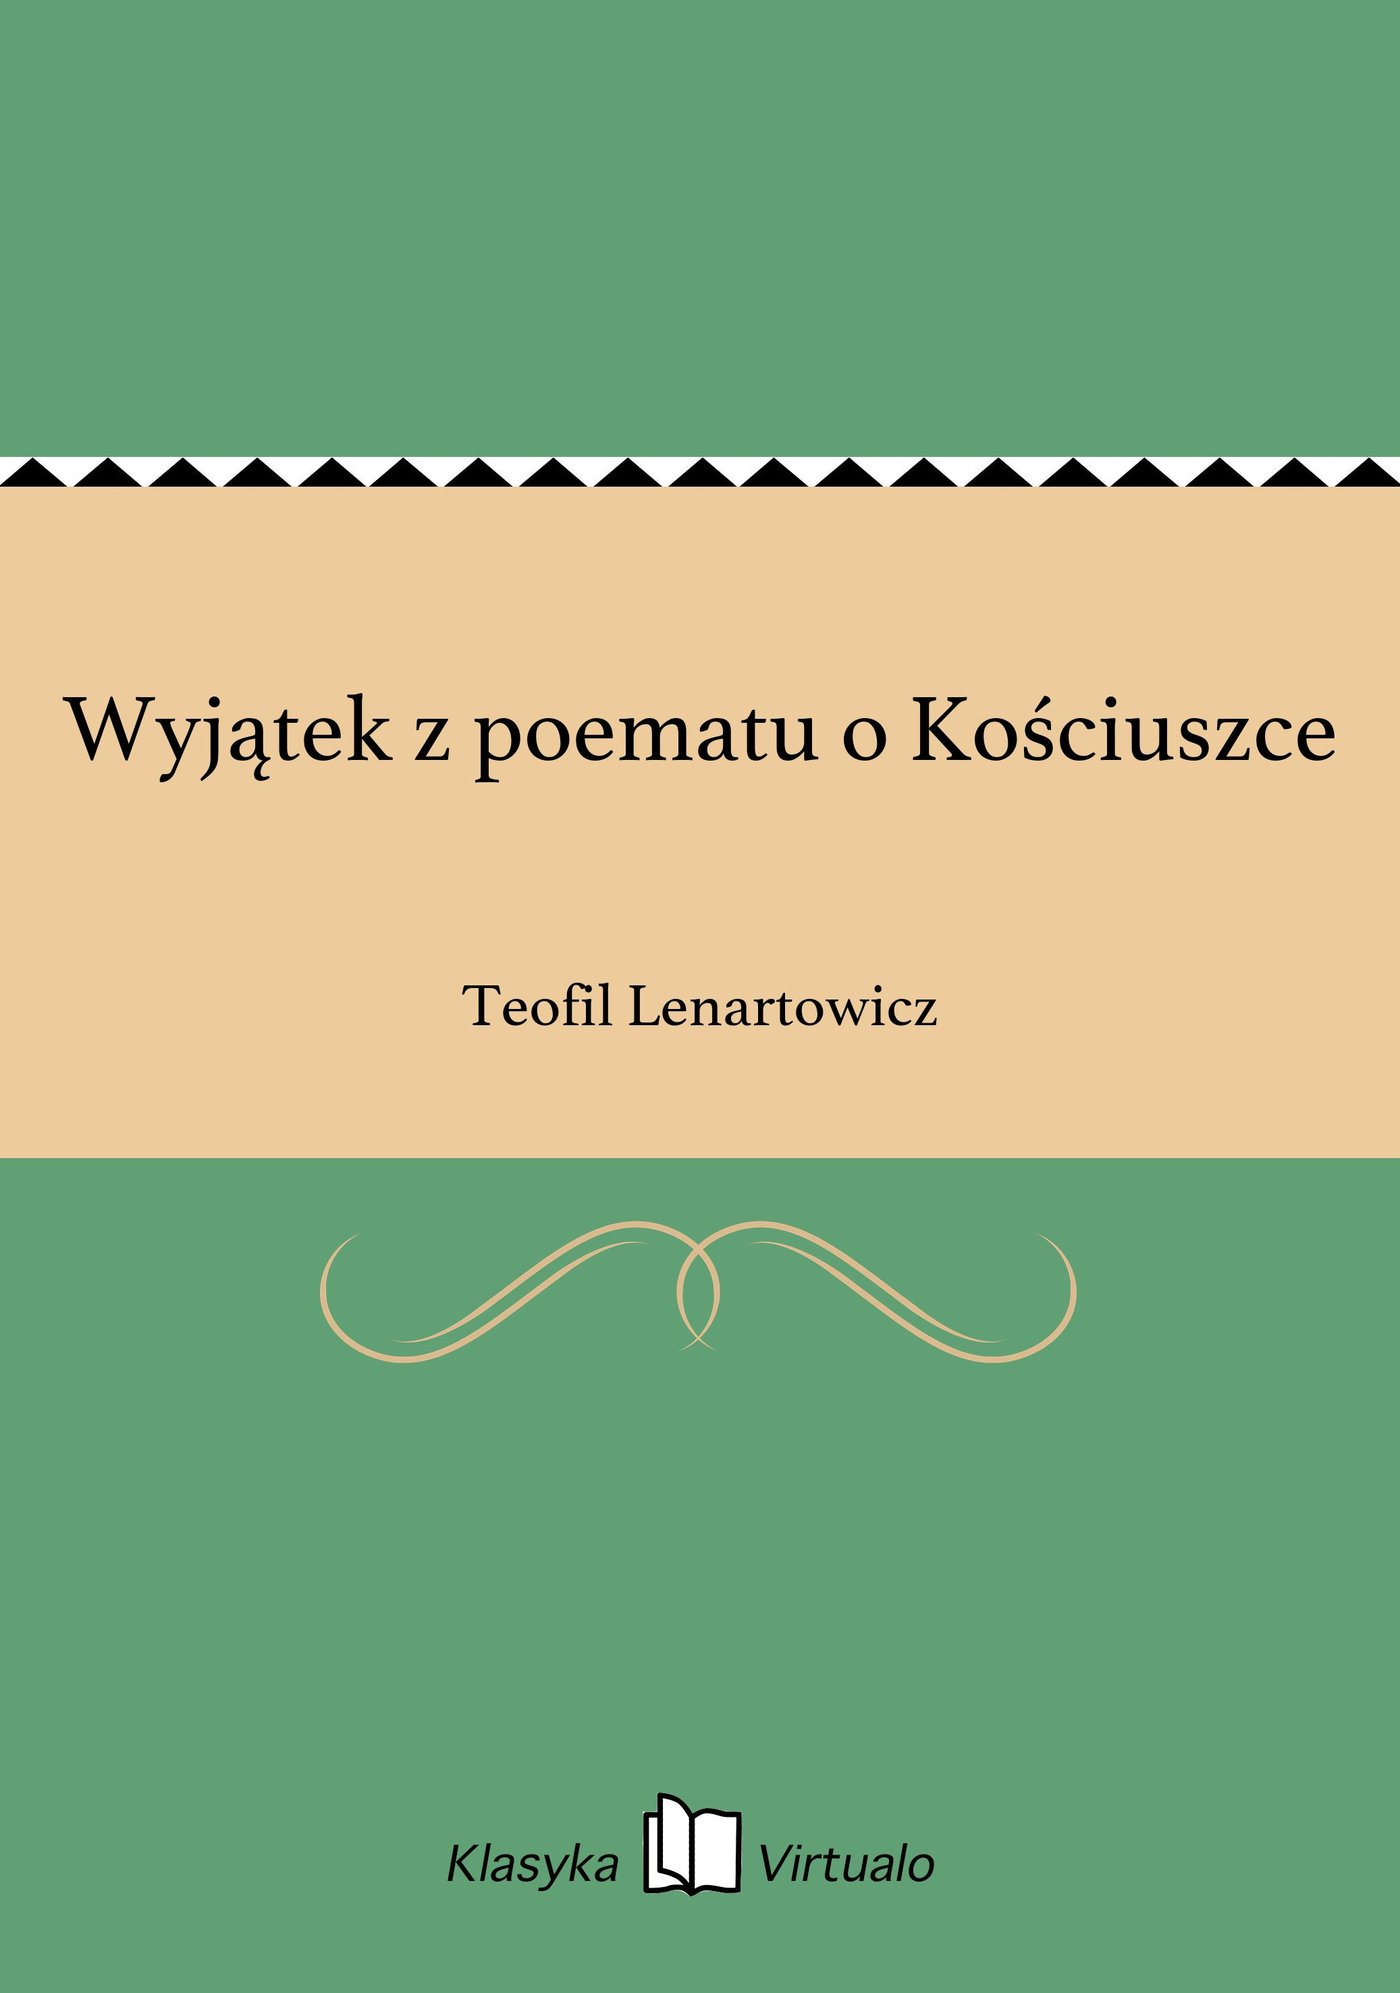 Wyjątek z poematu o Kościuszce - Ebook (Książka EPUB) do pobrania w formacie EPUB